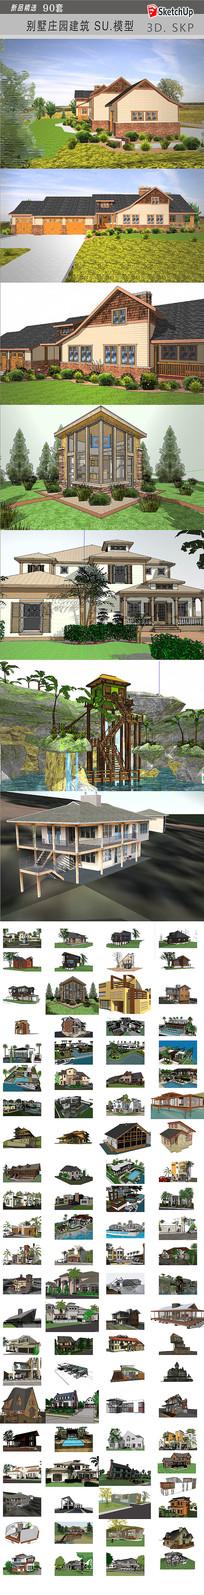 别墅庄园建筑SU模型